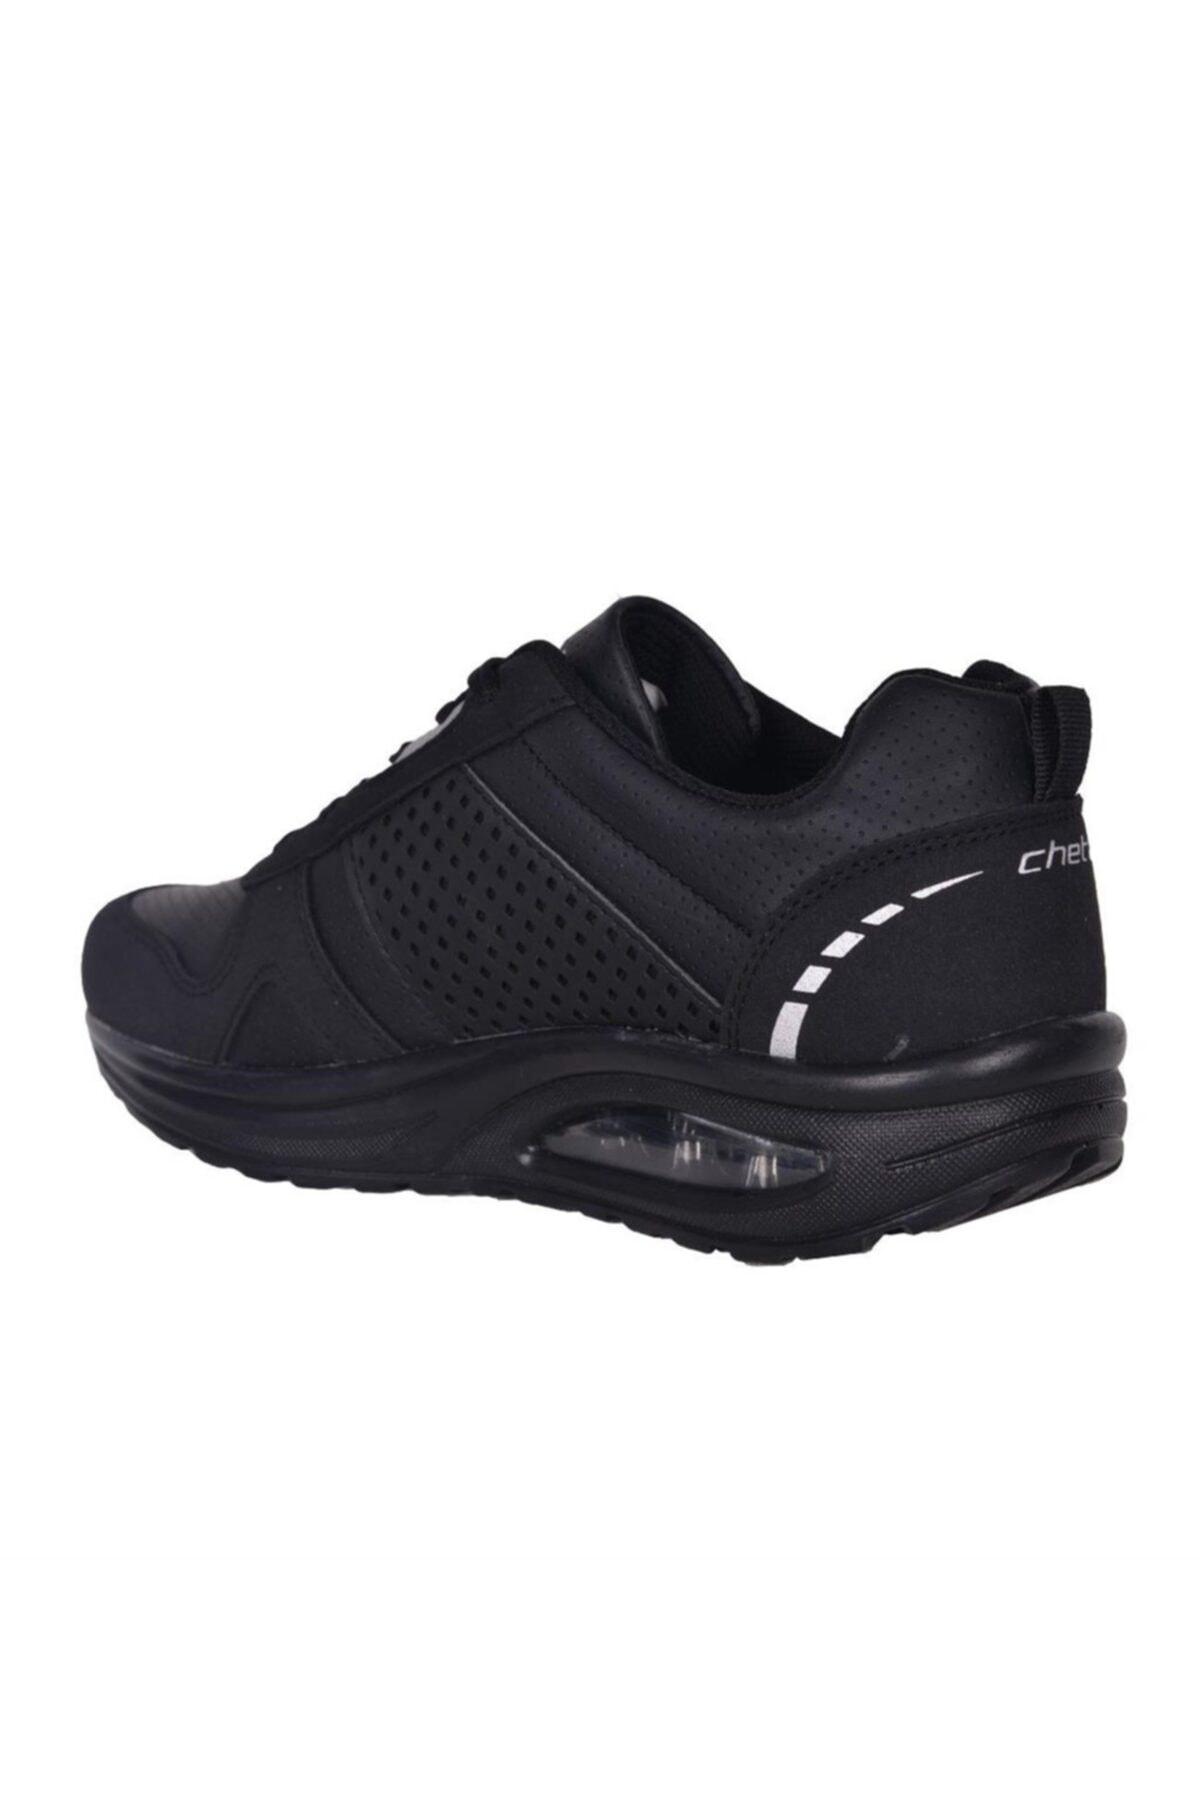 Cheta Kadın  Siyah Aırtube Yürüyüş Spor Ayakkabı Cht005 2